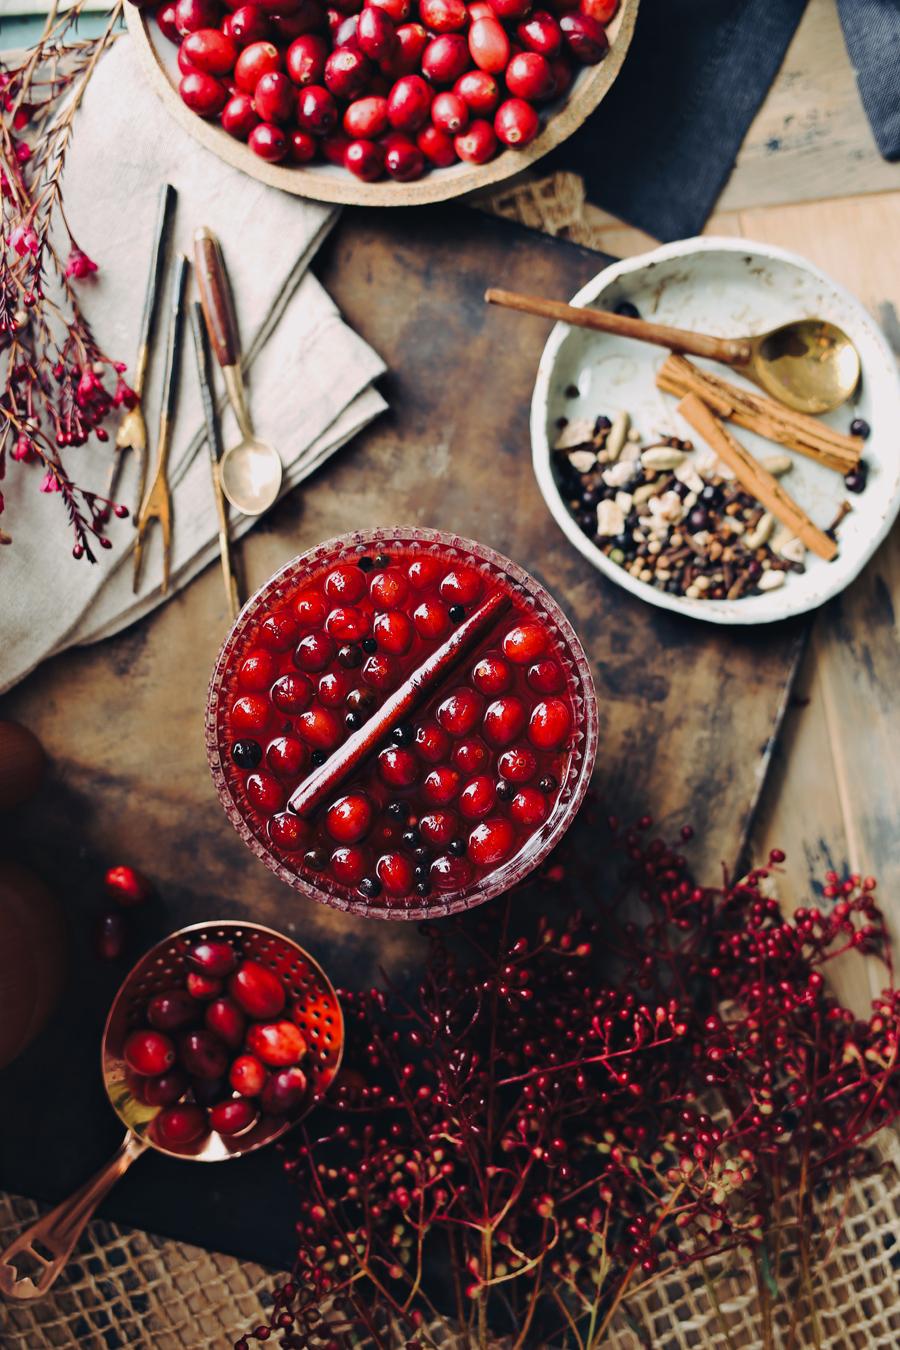 01_Pickled-Cranberries-Dine-X-Design.jpg